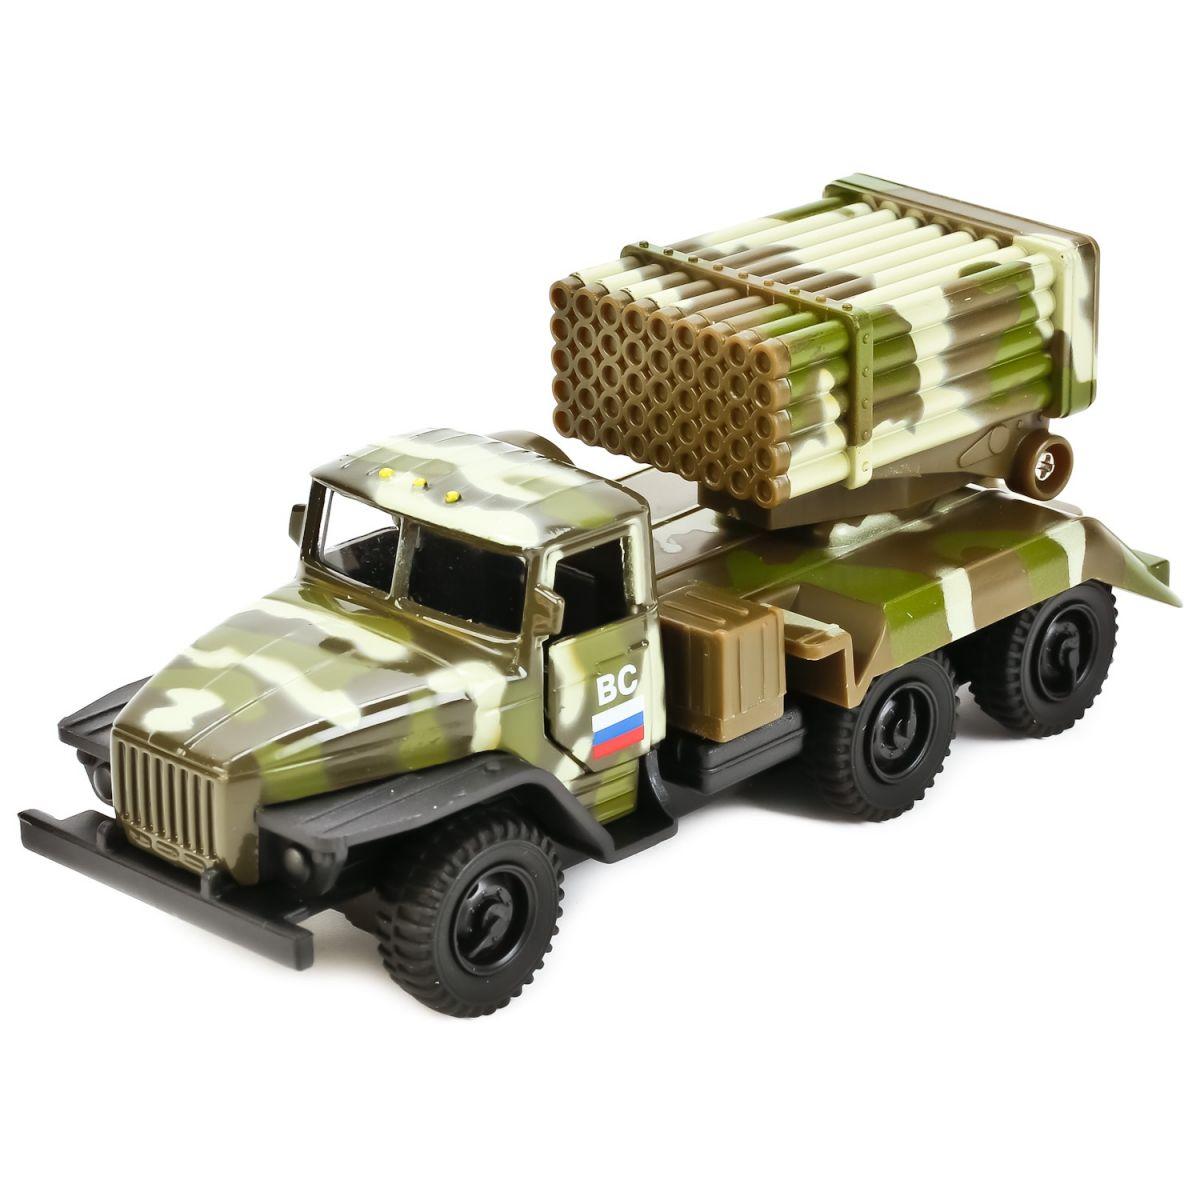 Купить Машина металлическая инерционная – Урал - ракетная установка Град, 12 см, Технопарк